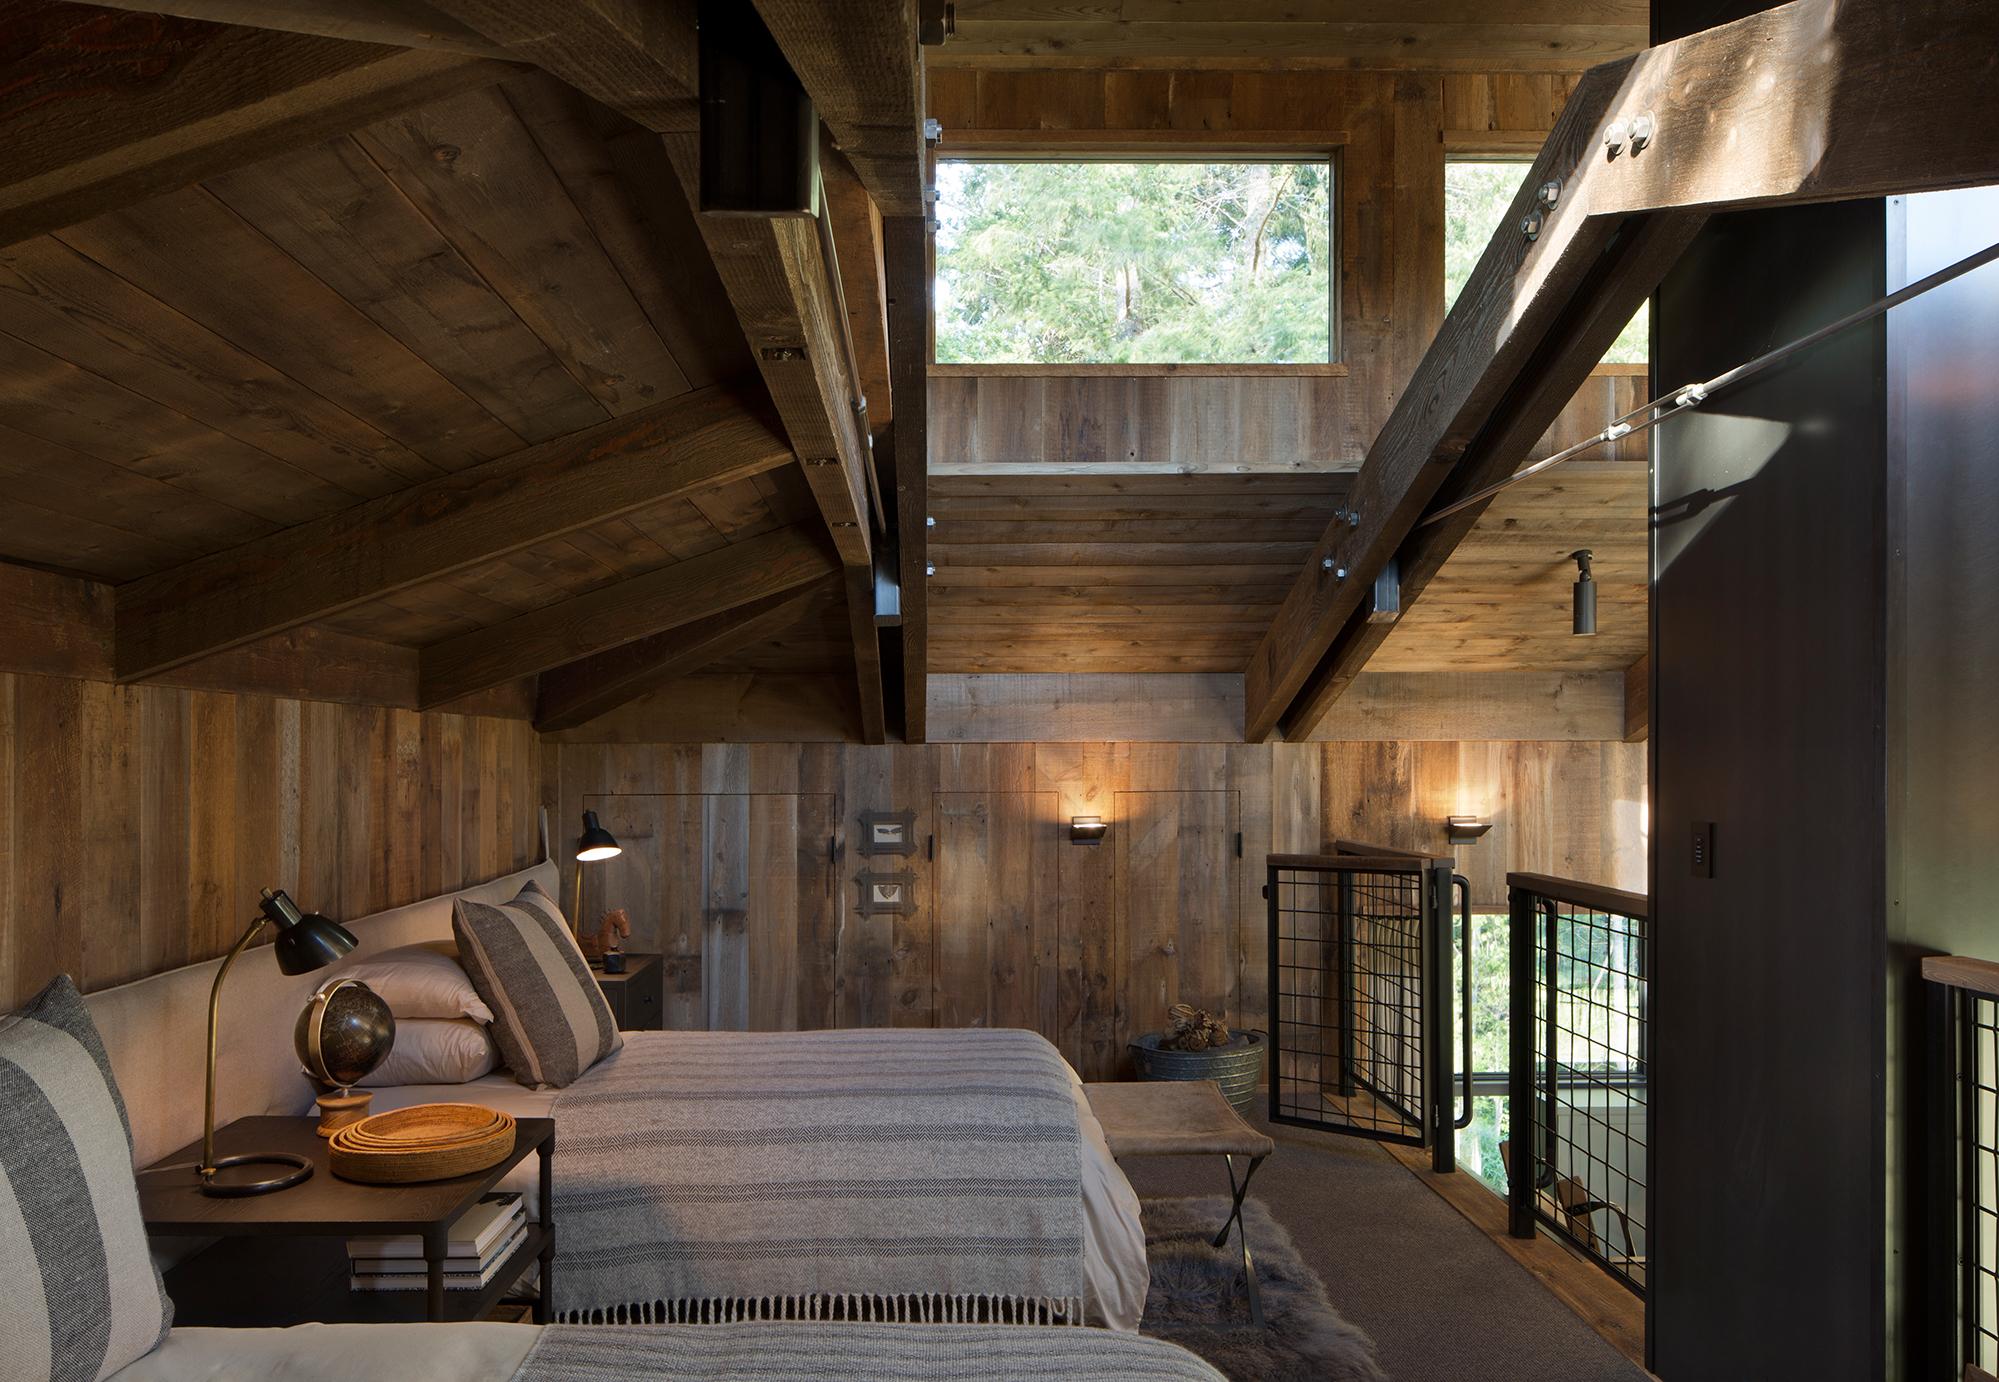 Jennifer_robins_interiors_projects_st_helena_II_Bergman_14_HR_bedroom